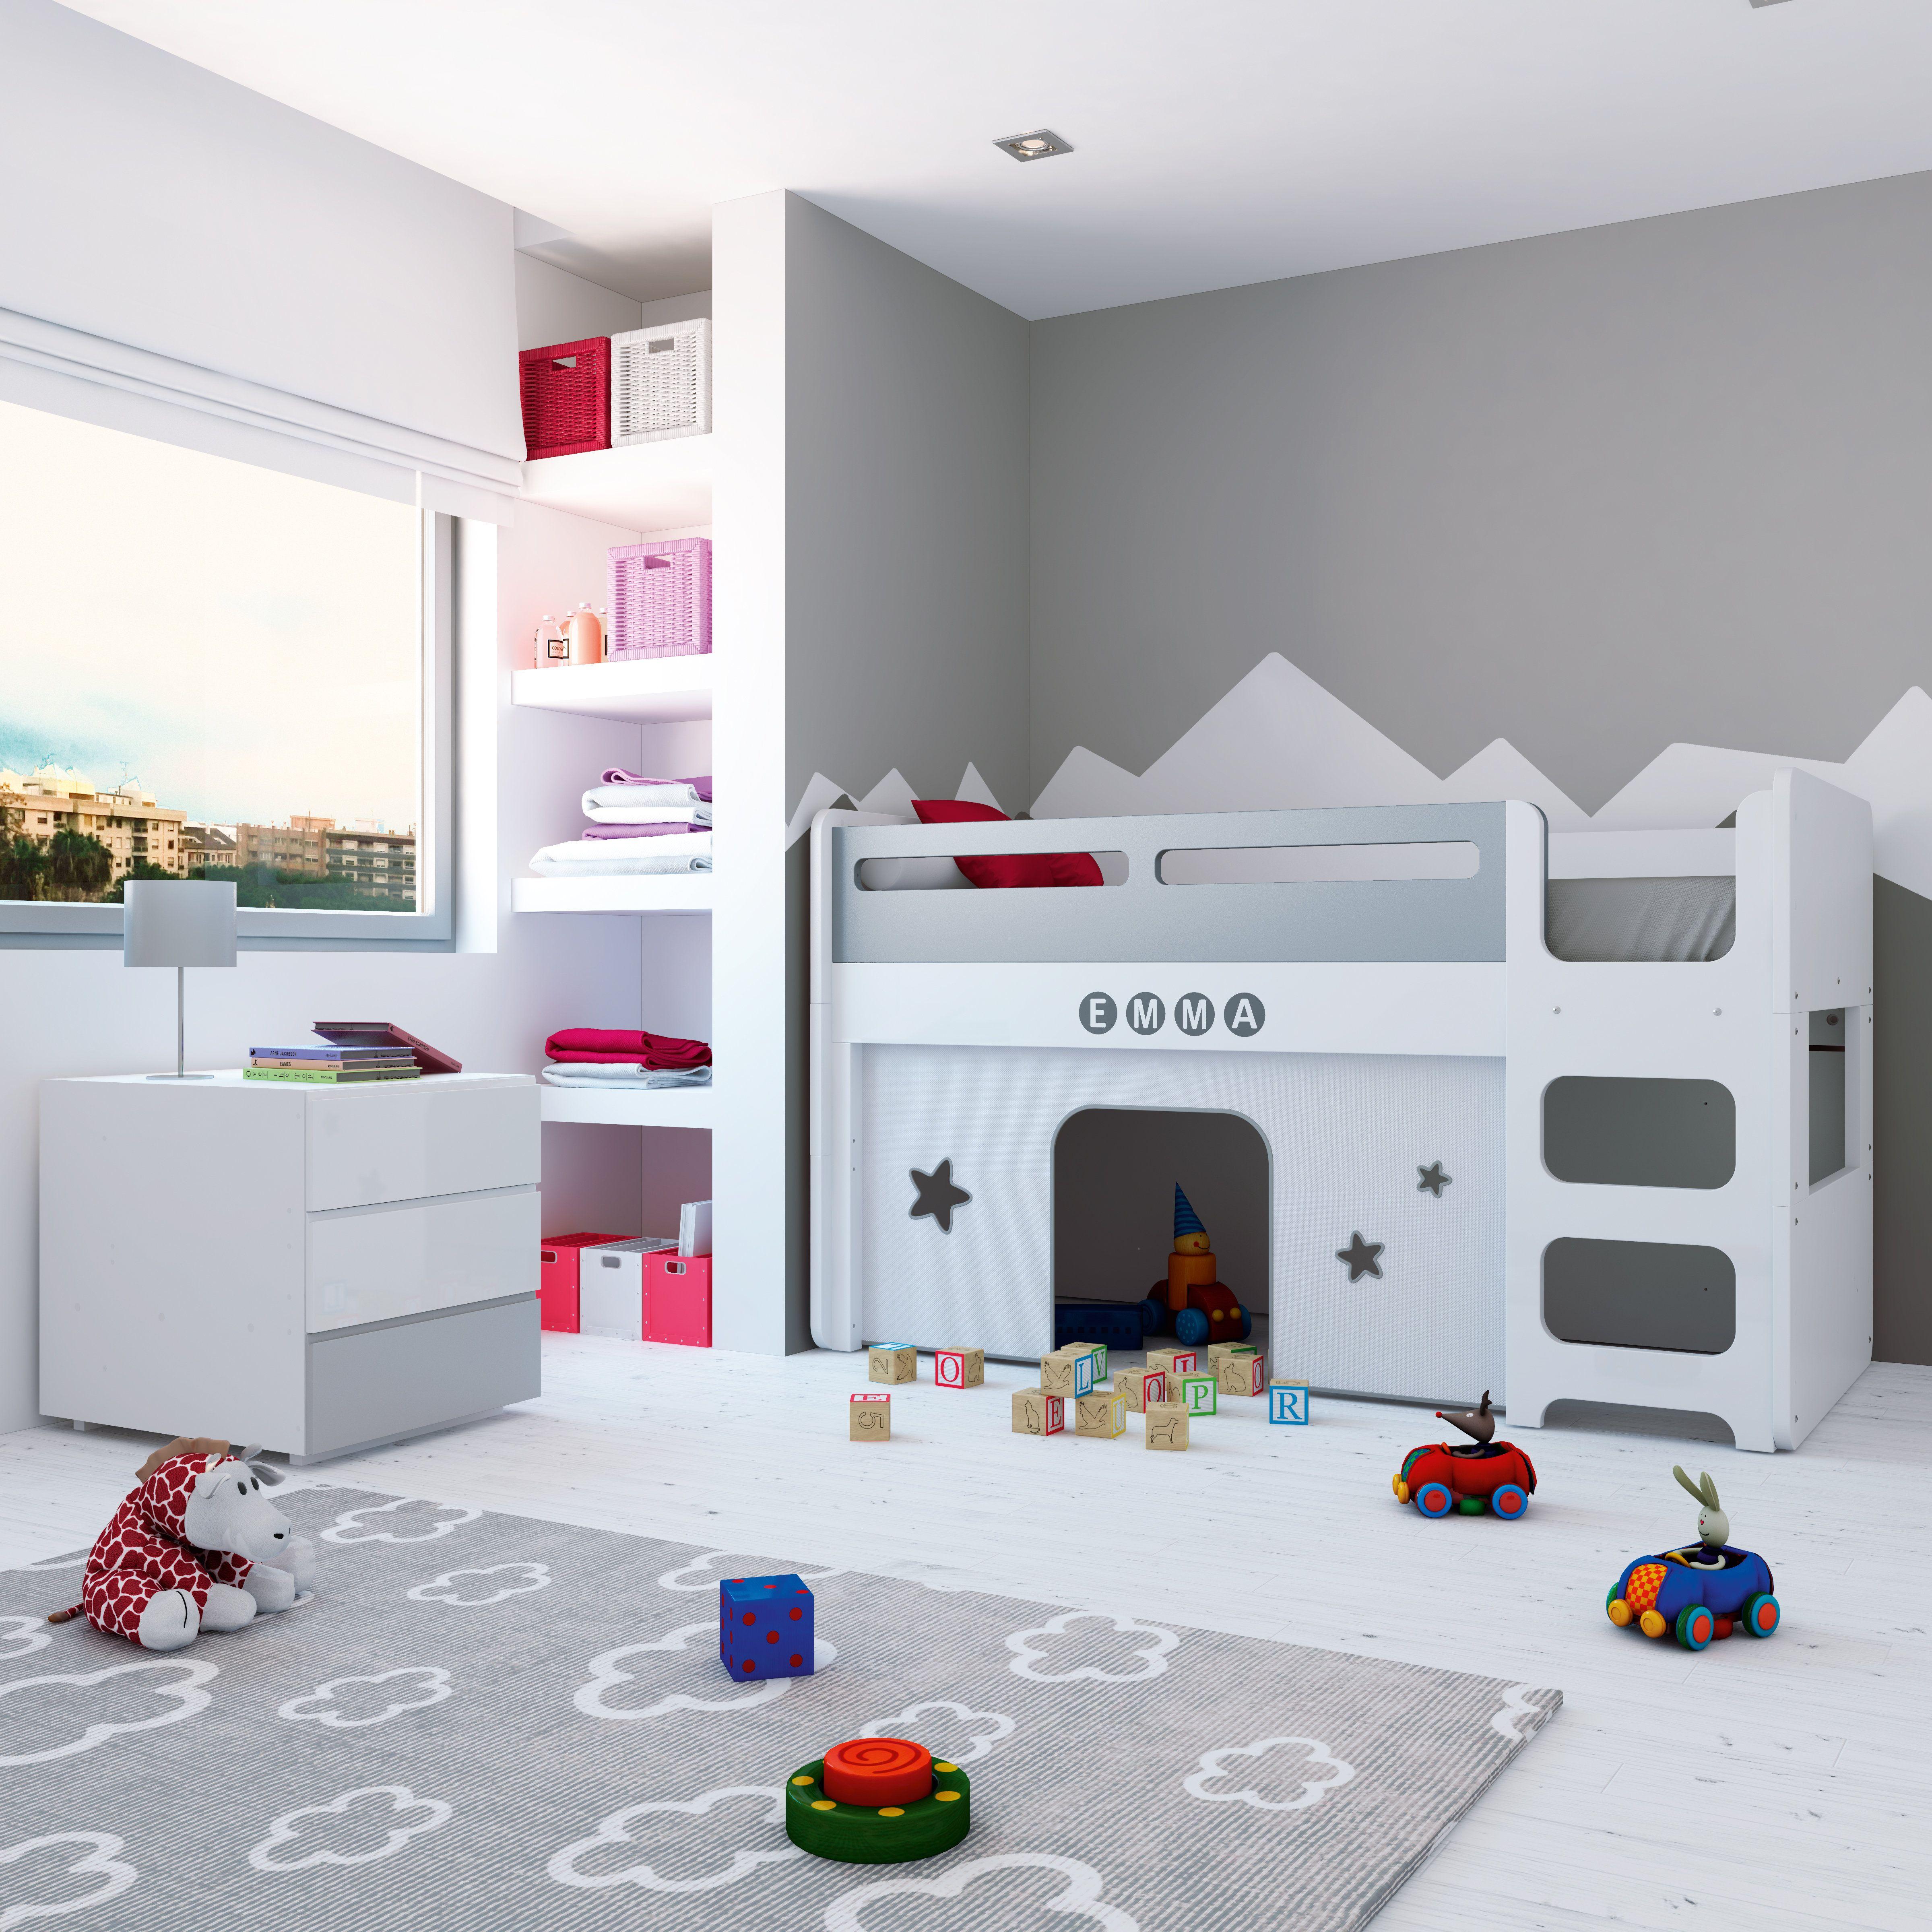 Habitaciones infantiles con encanto en color blanco y gris para ...